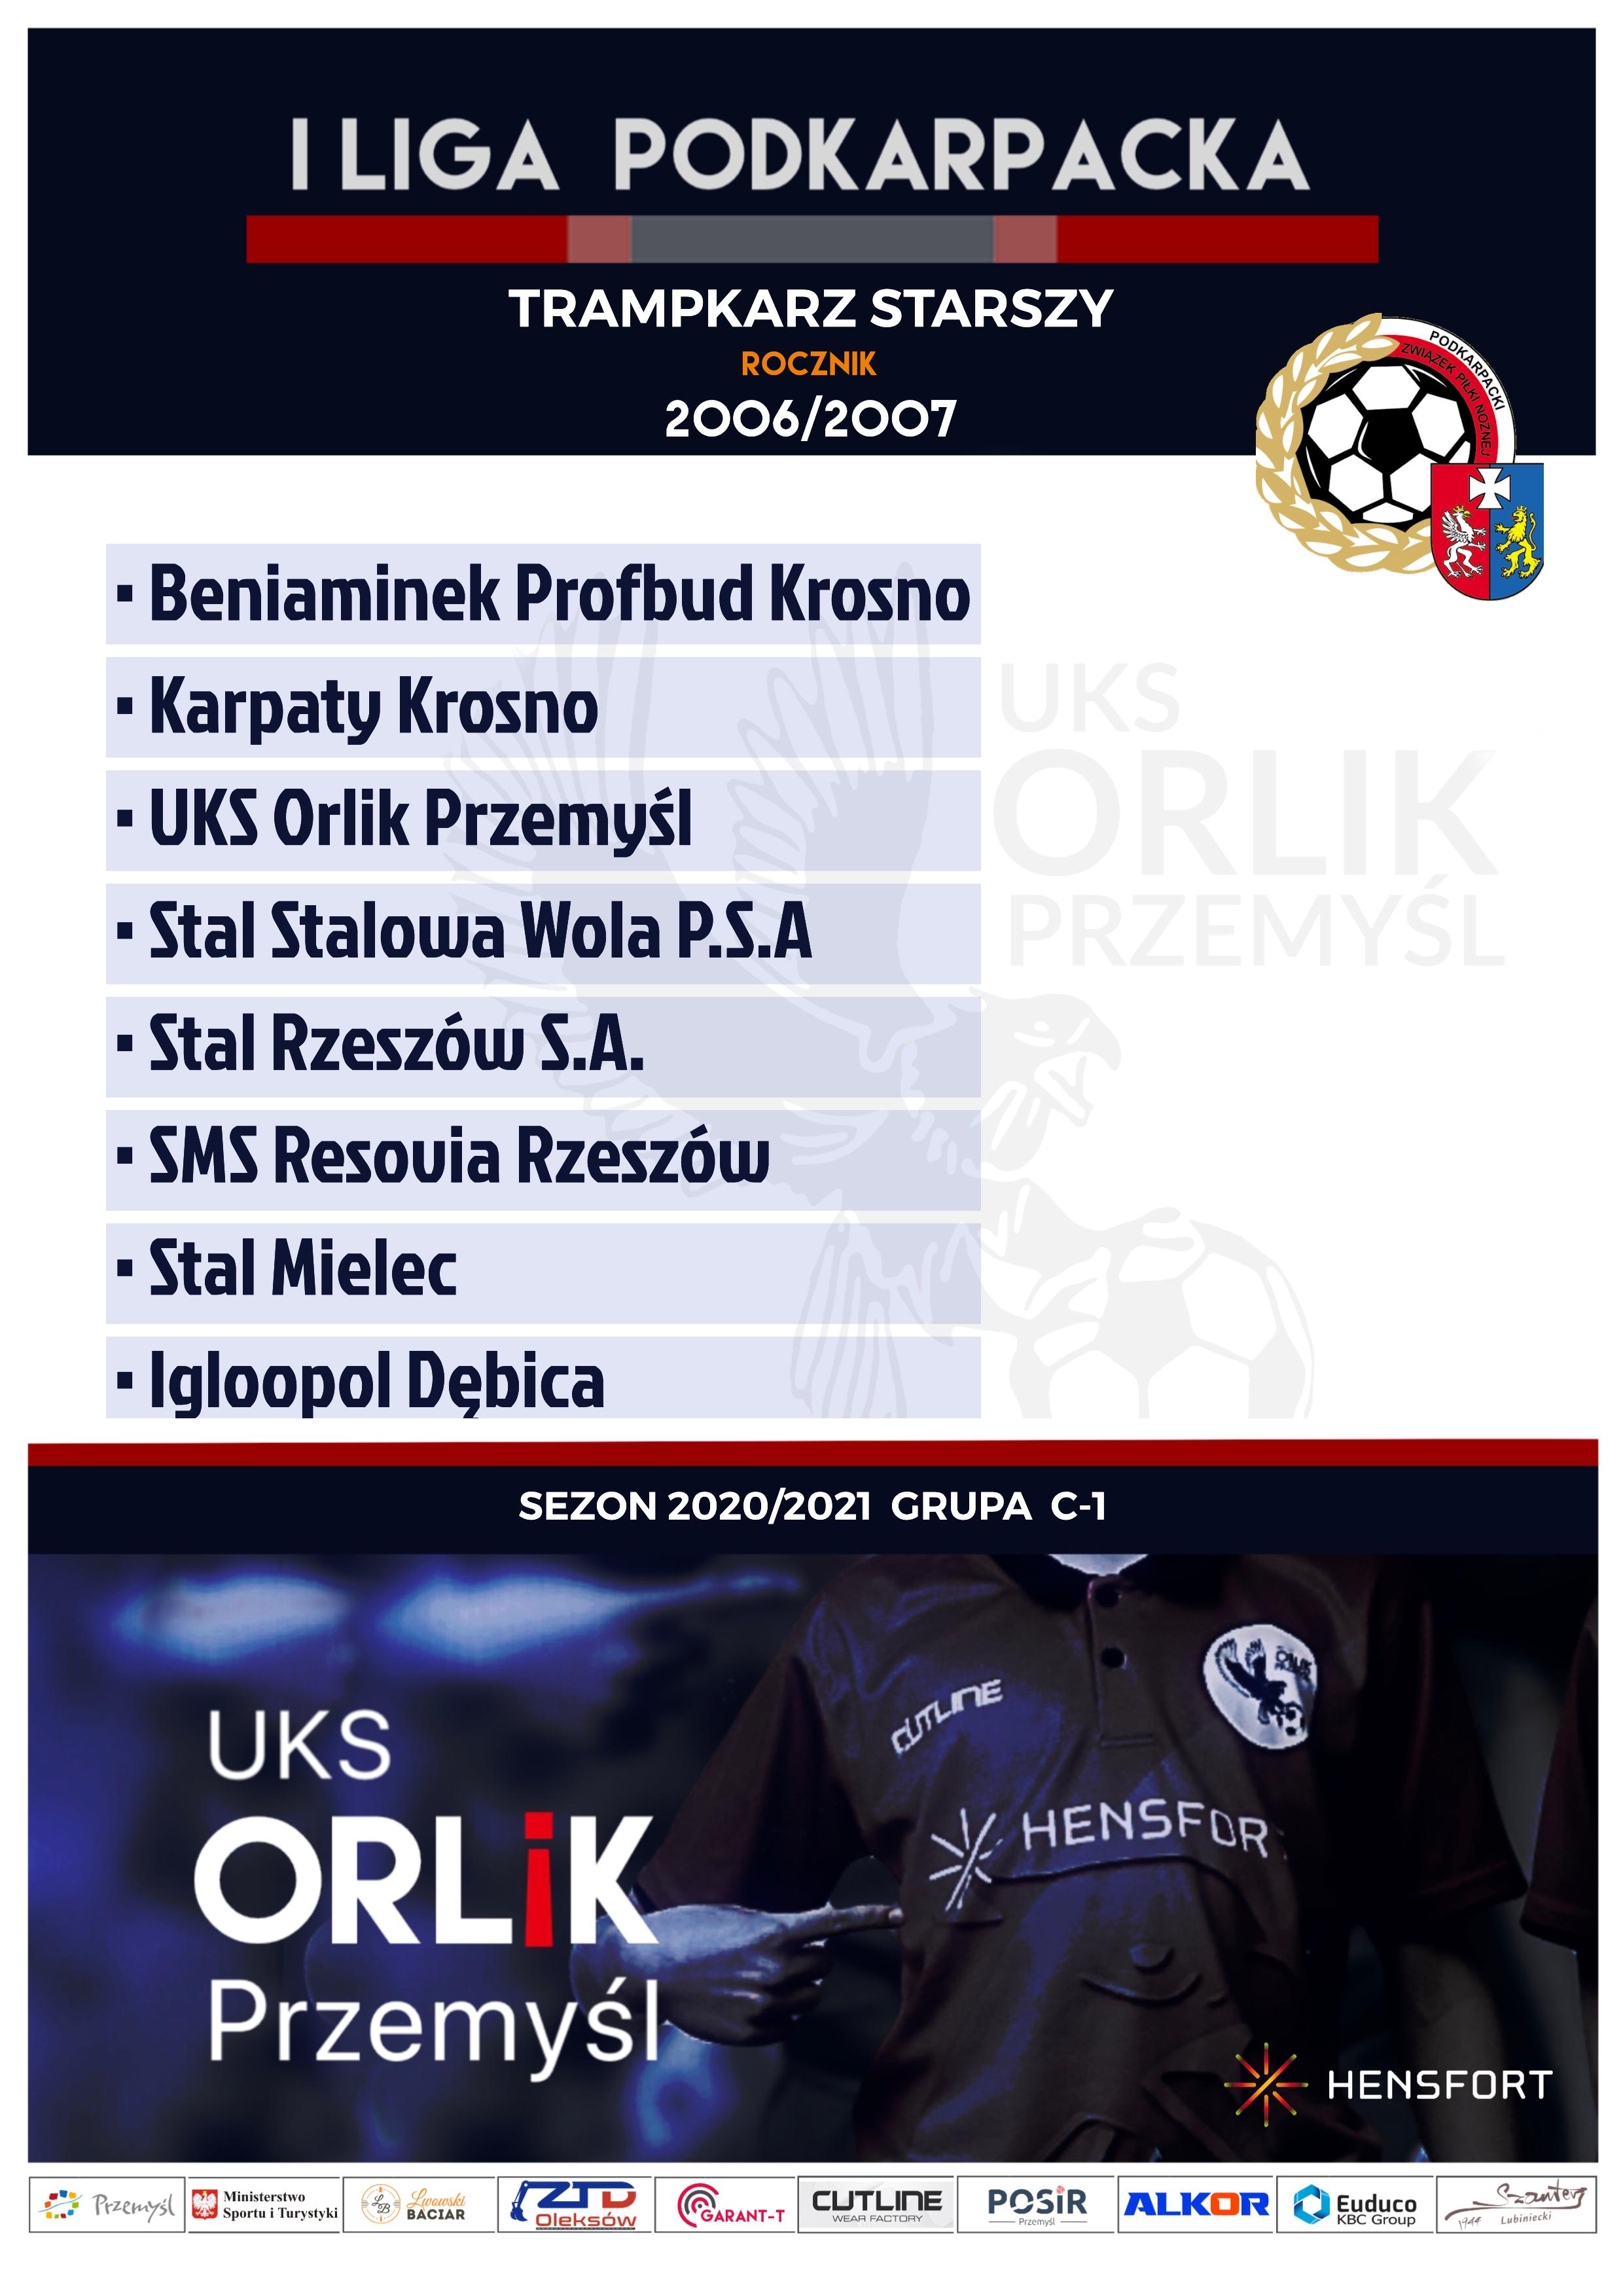 Liga Podkarpacka. UKS Orlik Przemyśl będzie walczył o tytuł mistrza Podkarpacia i CLJ.